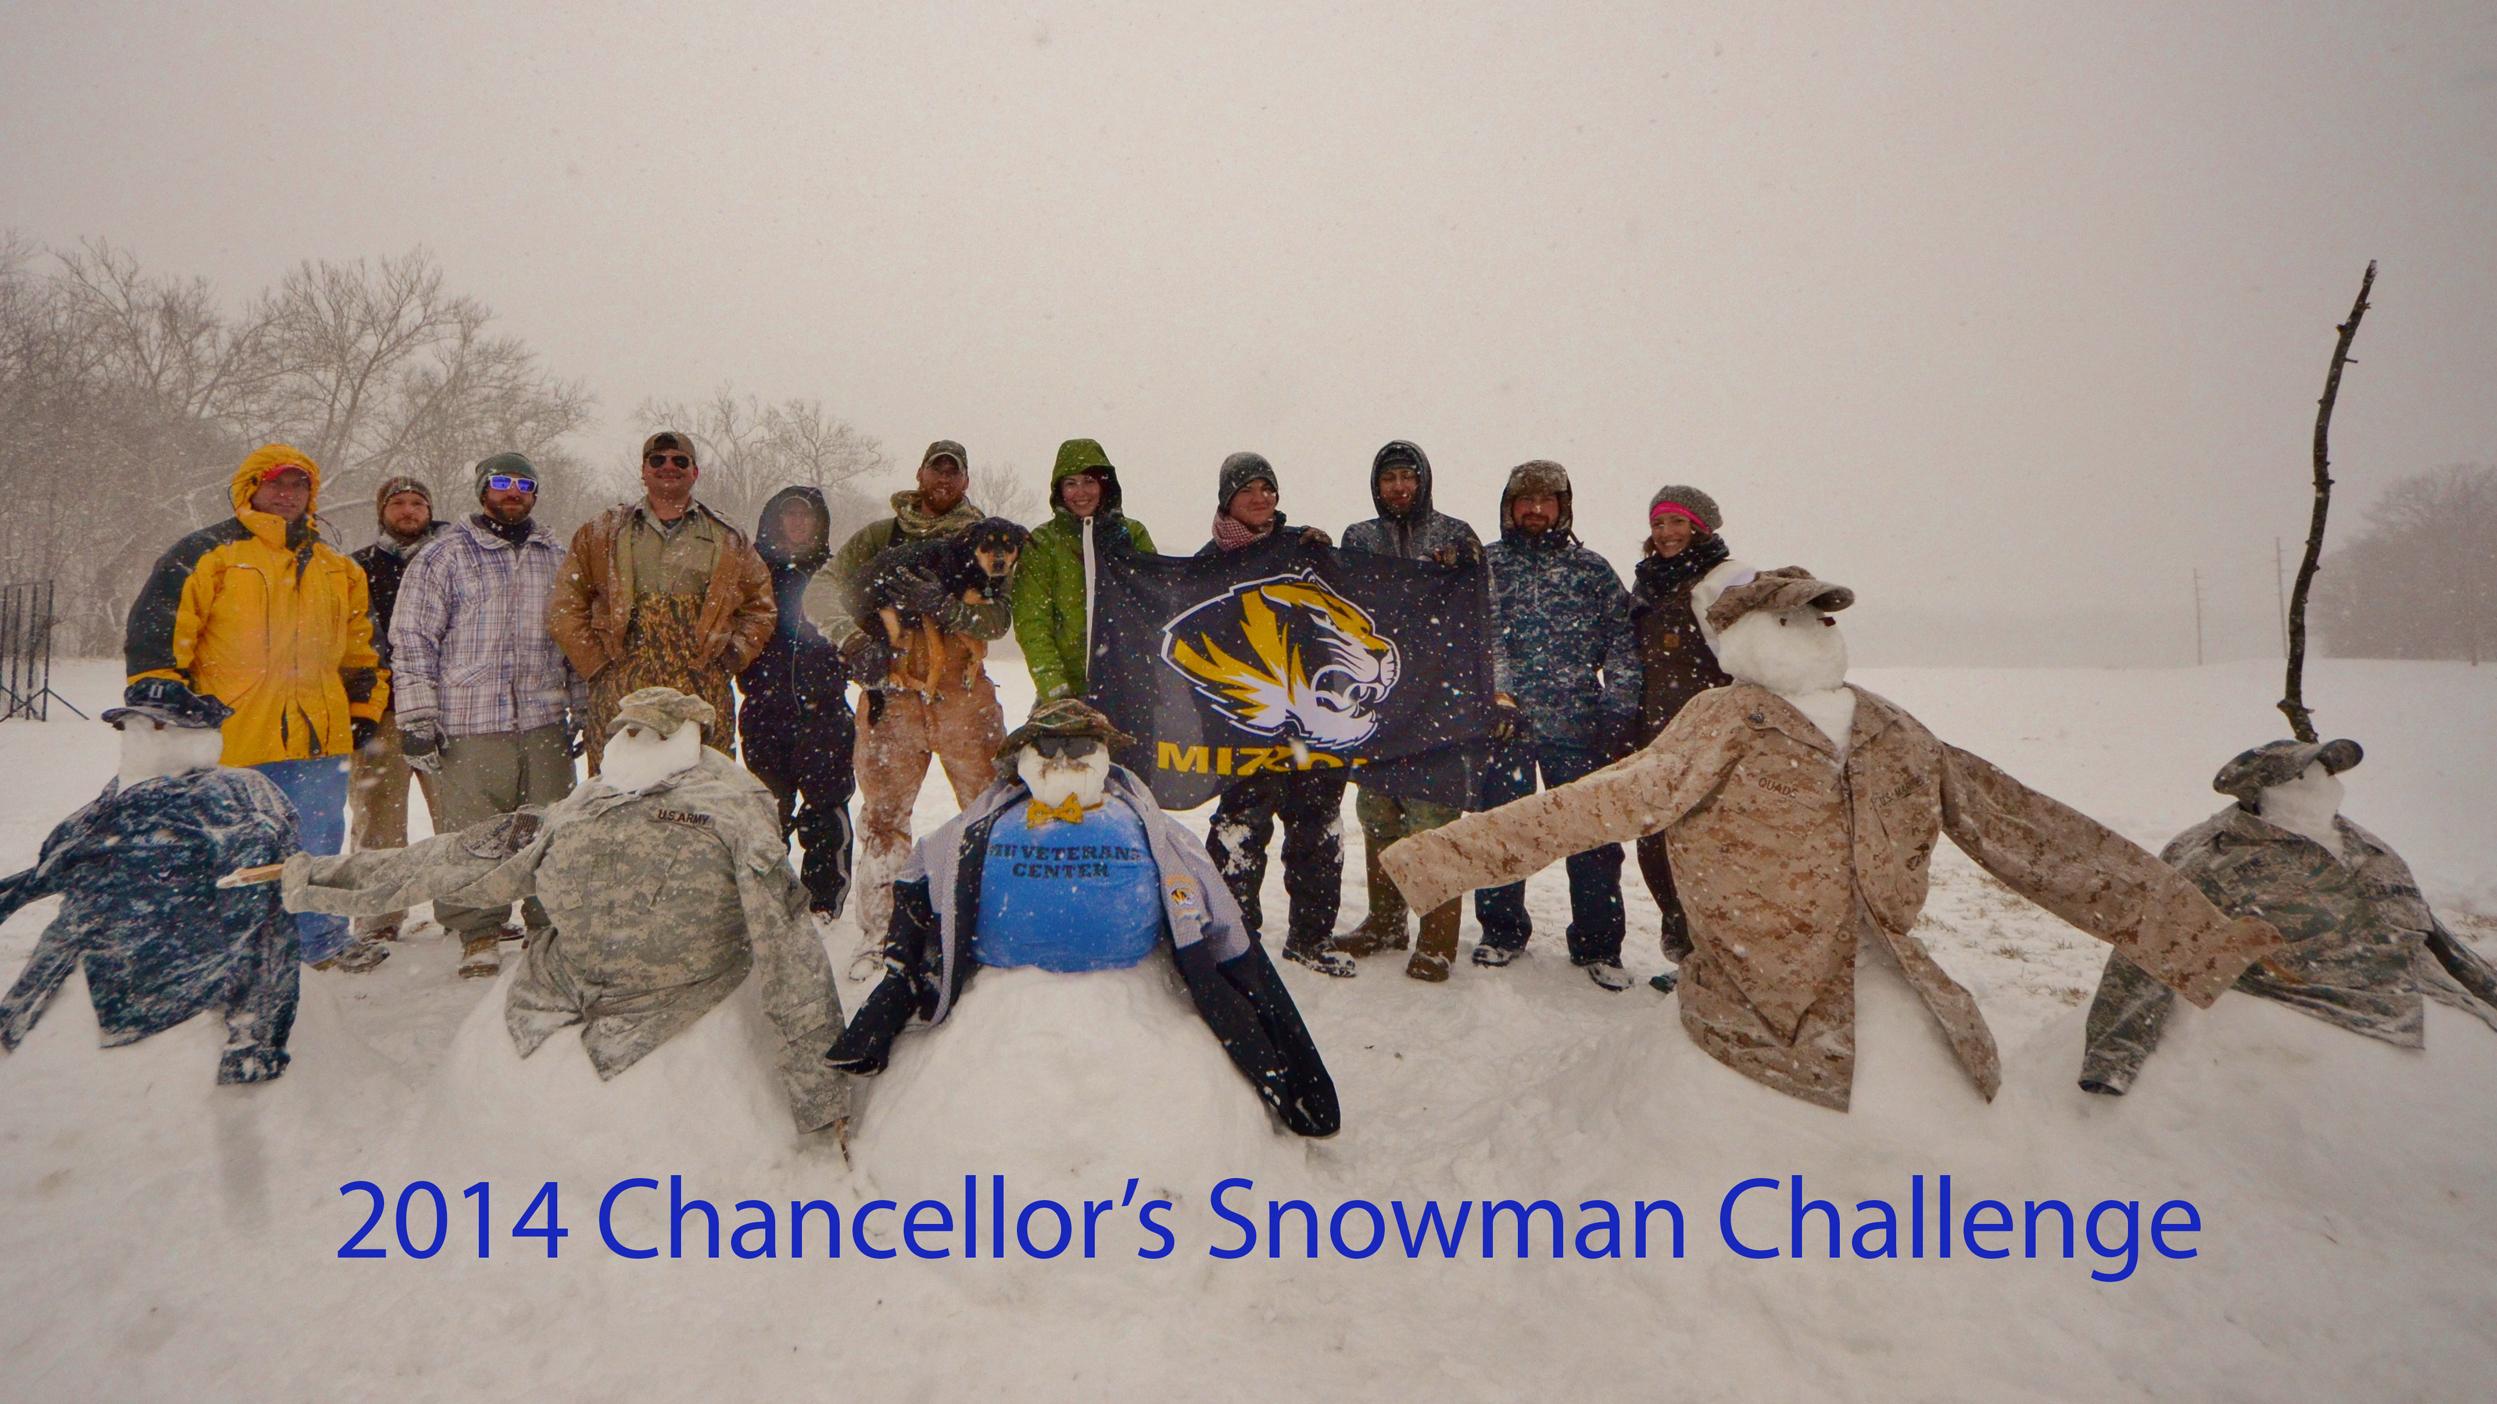 Chancellor's Snowman Challenge